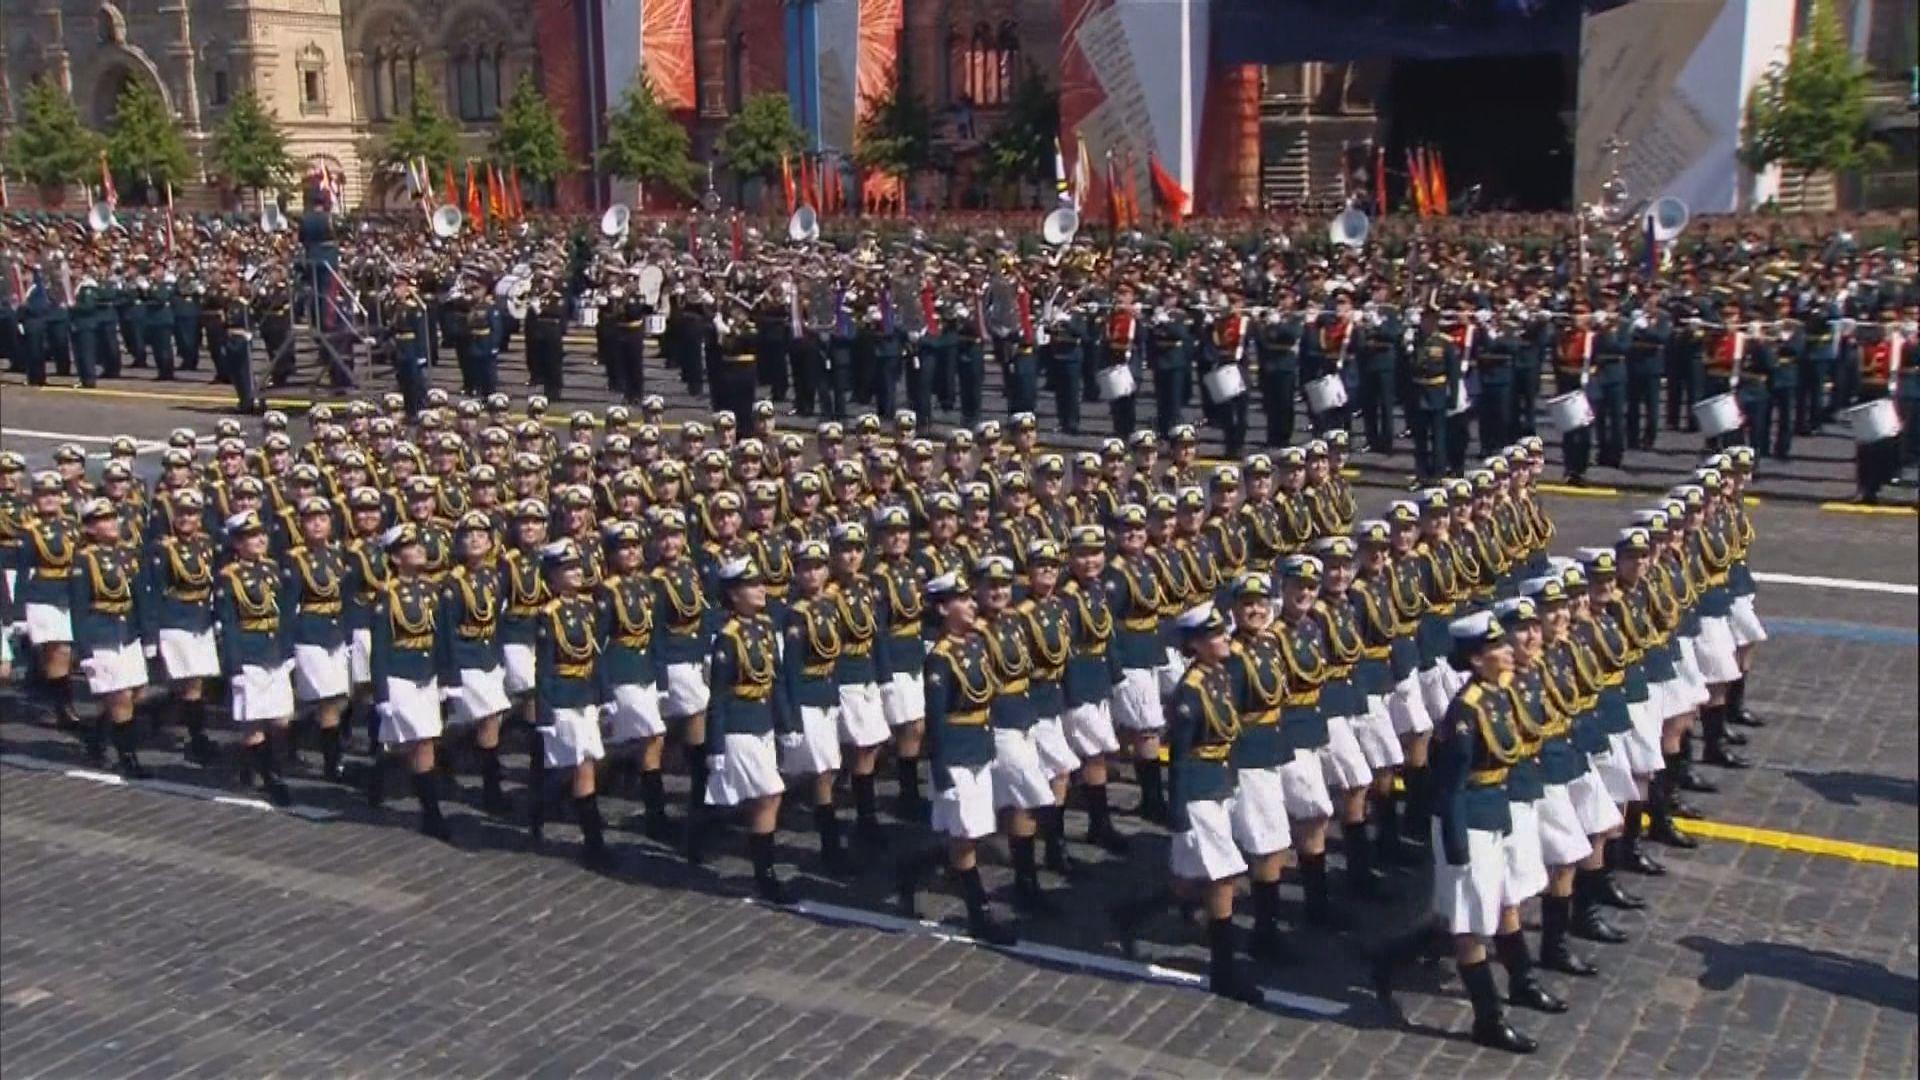 俄羅斯疫情下補辦閱兵 分析指普京冀借閱兵推動修憲公投獲通過